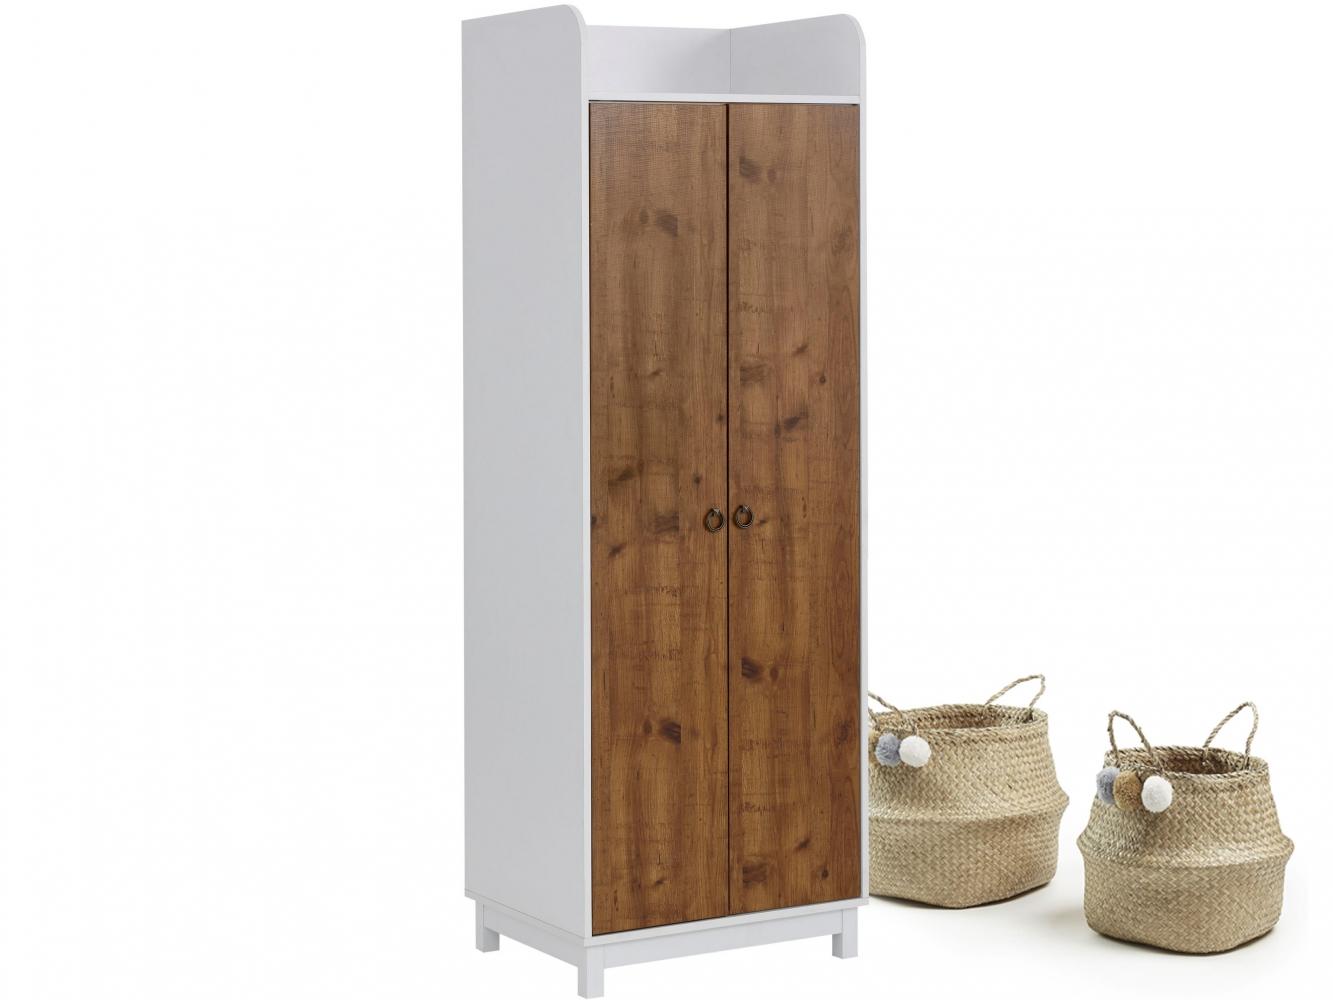 Šatní skříň Livat, 180 cm, bílá/dub